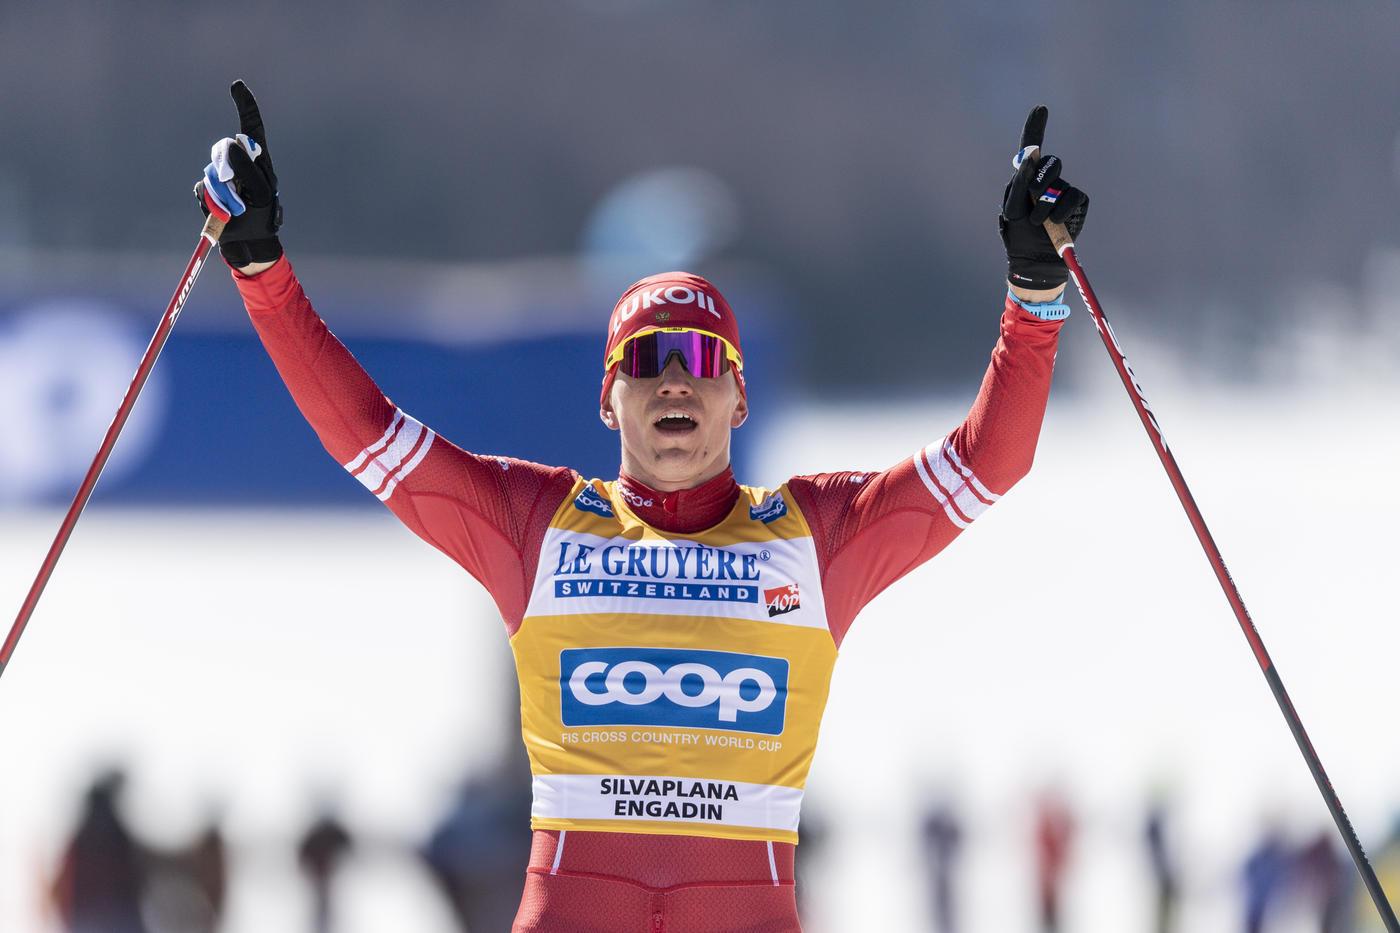 Норвежские лыжники пообещали использовать портрет Большунова для вдохновения перед Олимпиадой - фото